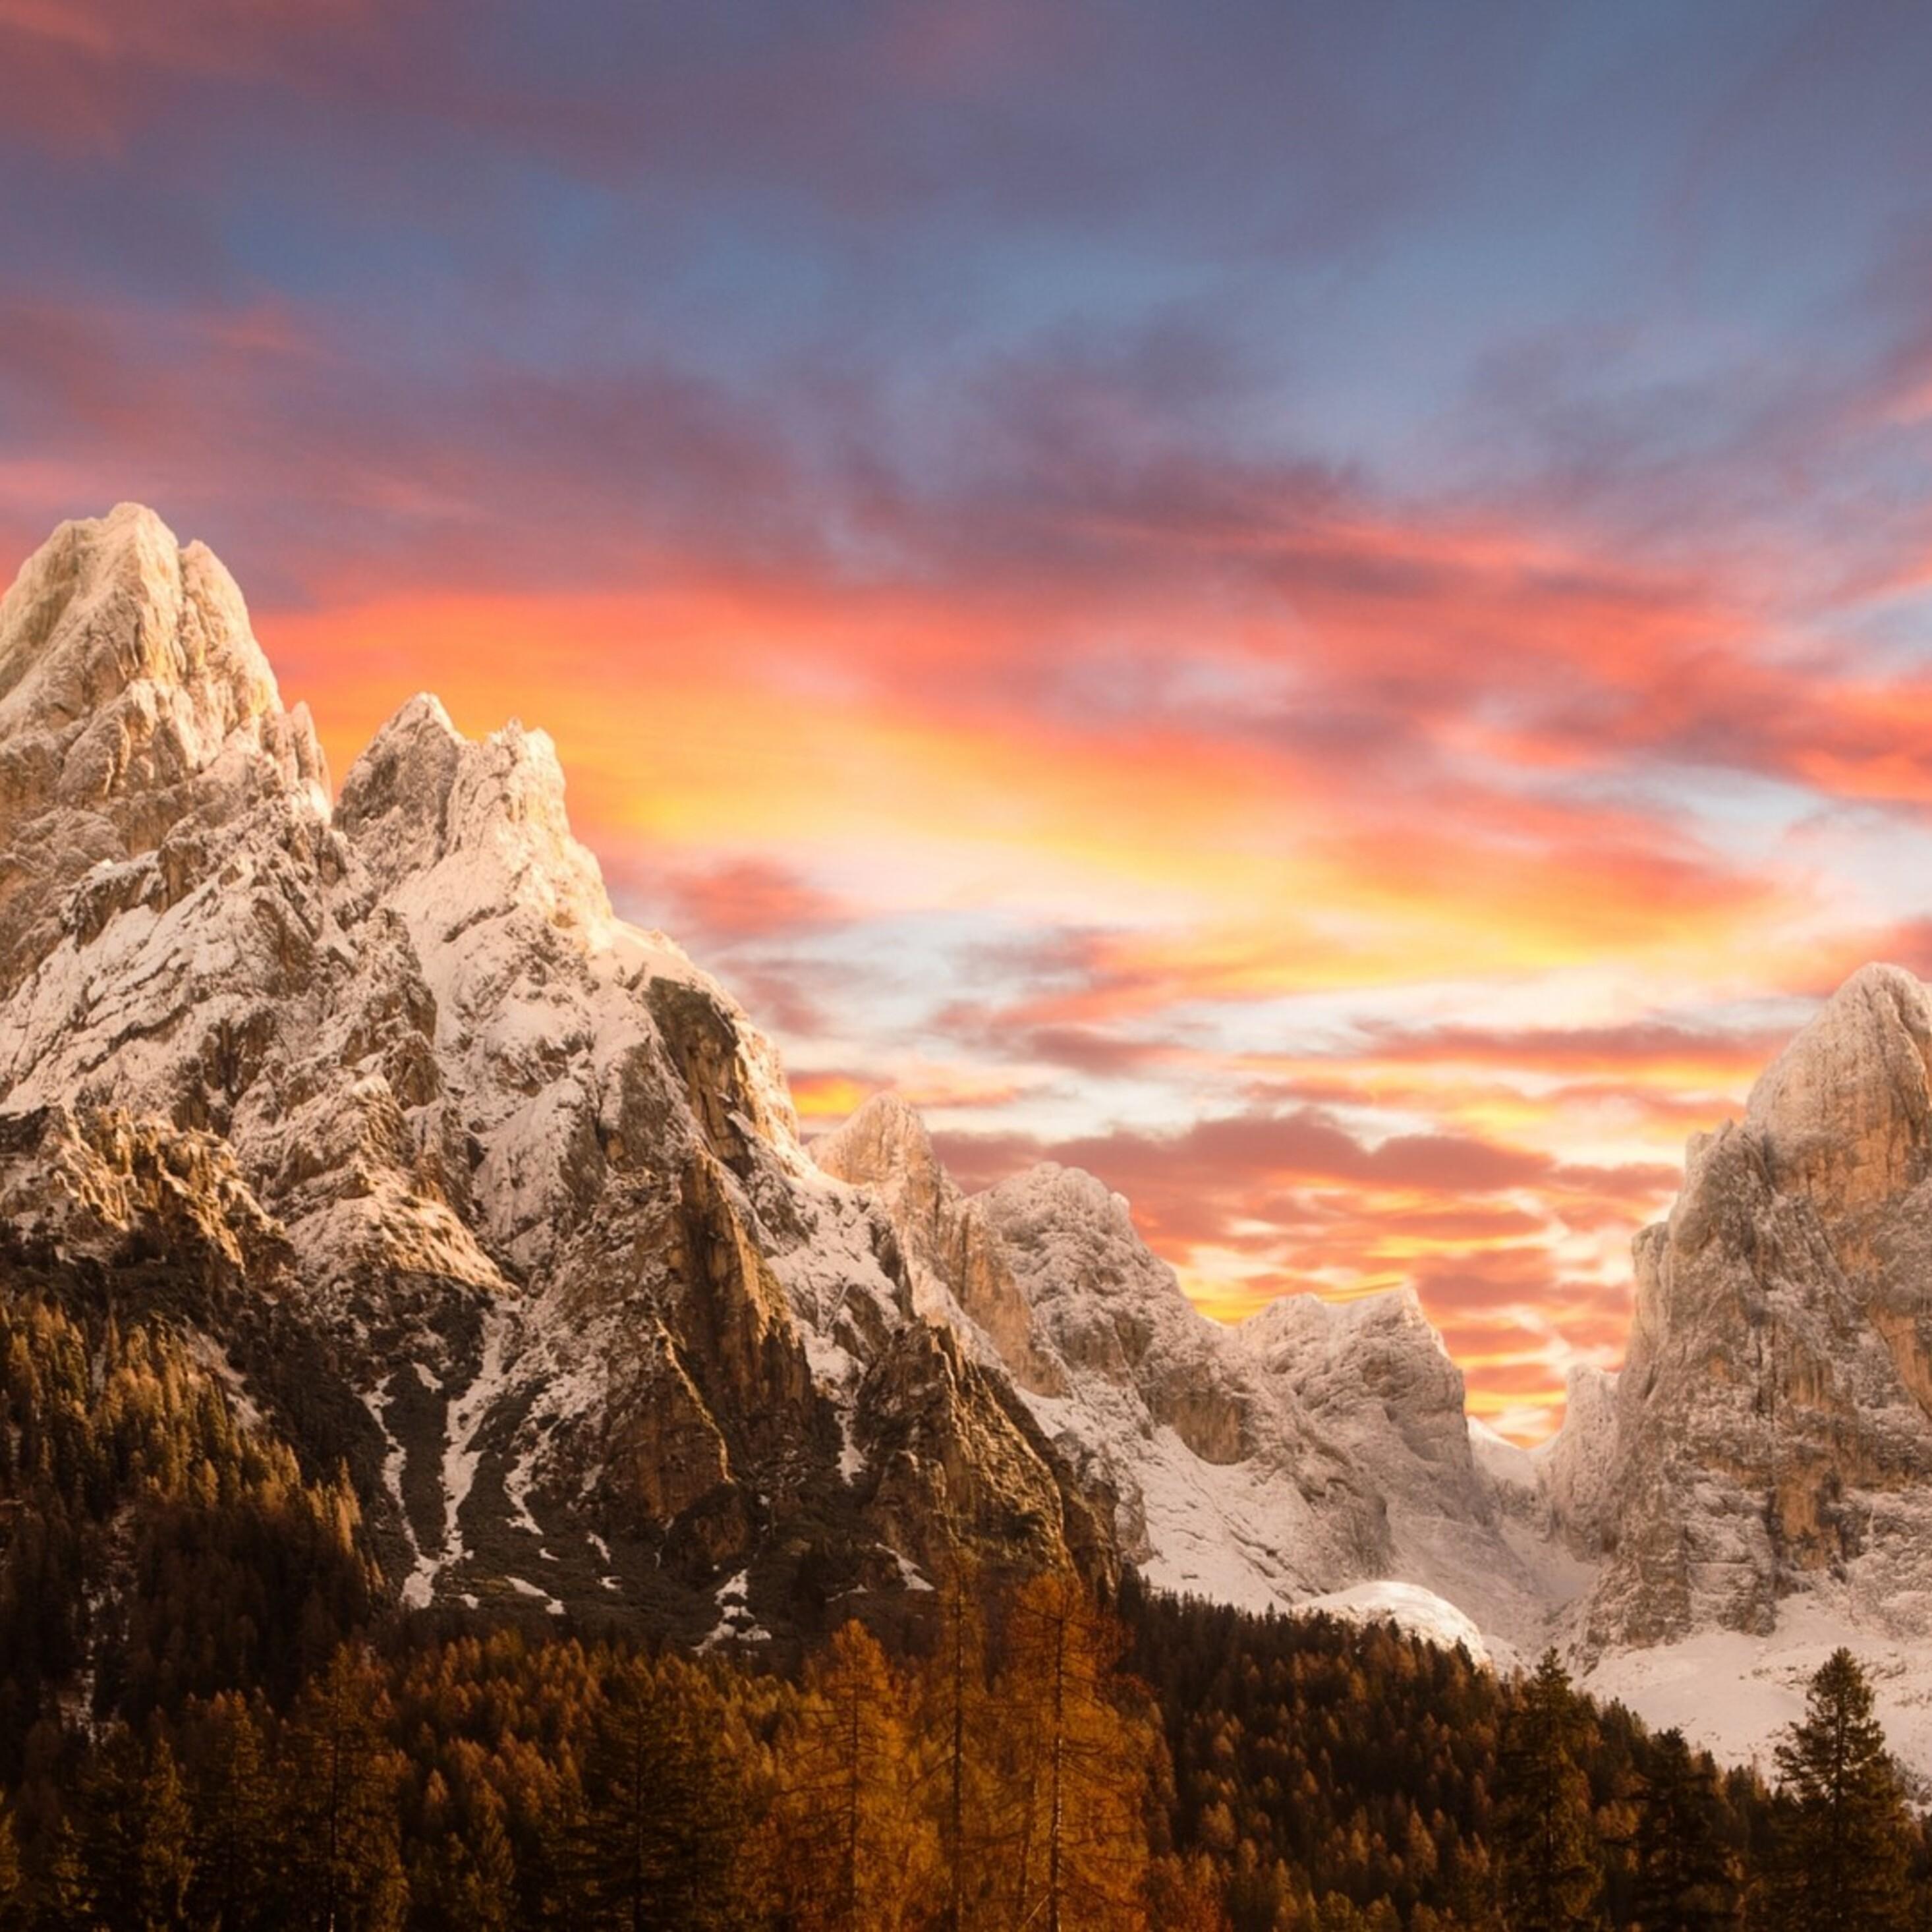 Amazing Wallpaper Mountain Ipad Pro - dolomites-mountains-2932x2932  Pic_24513.jpg